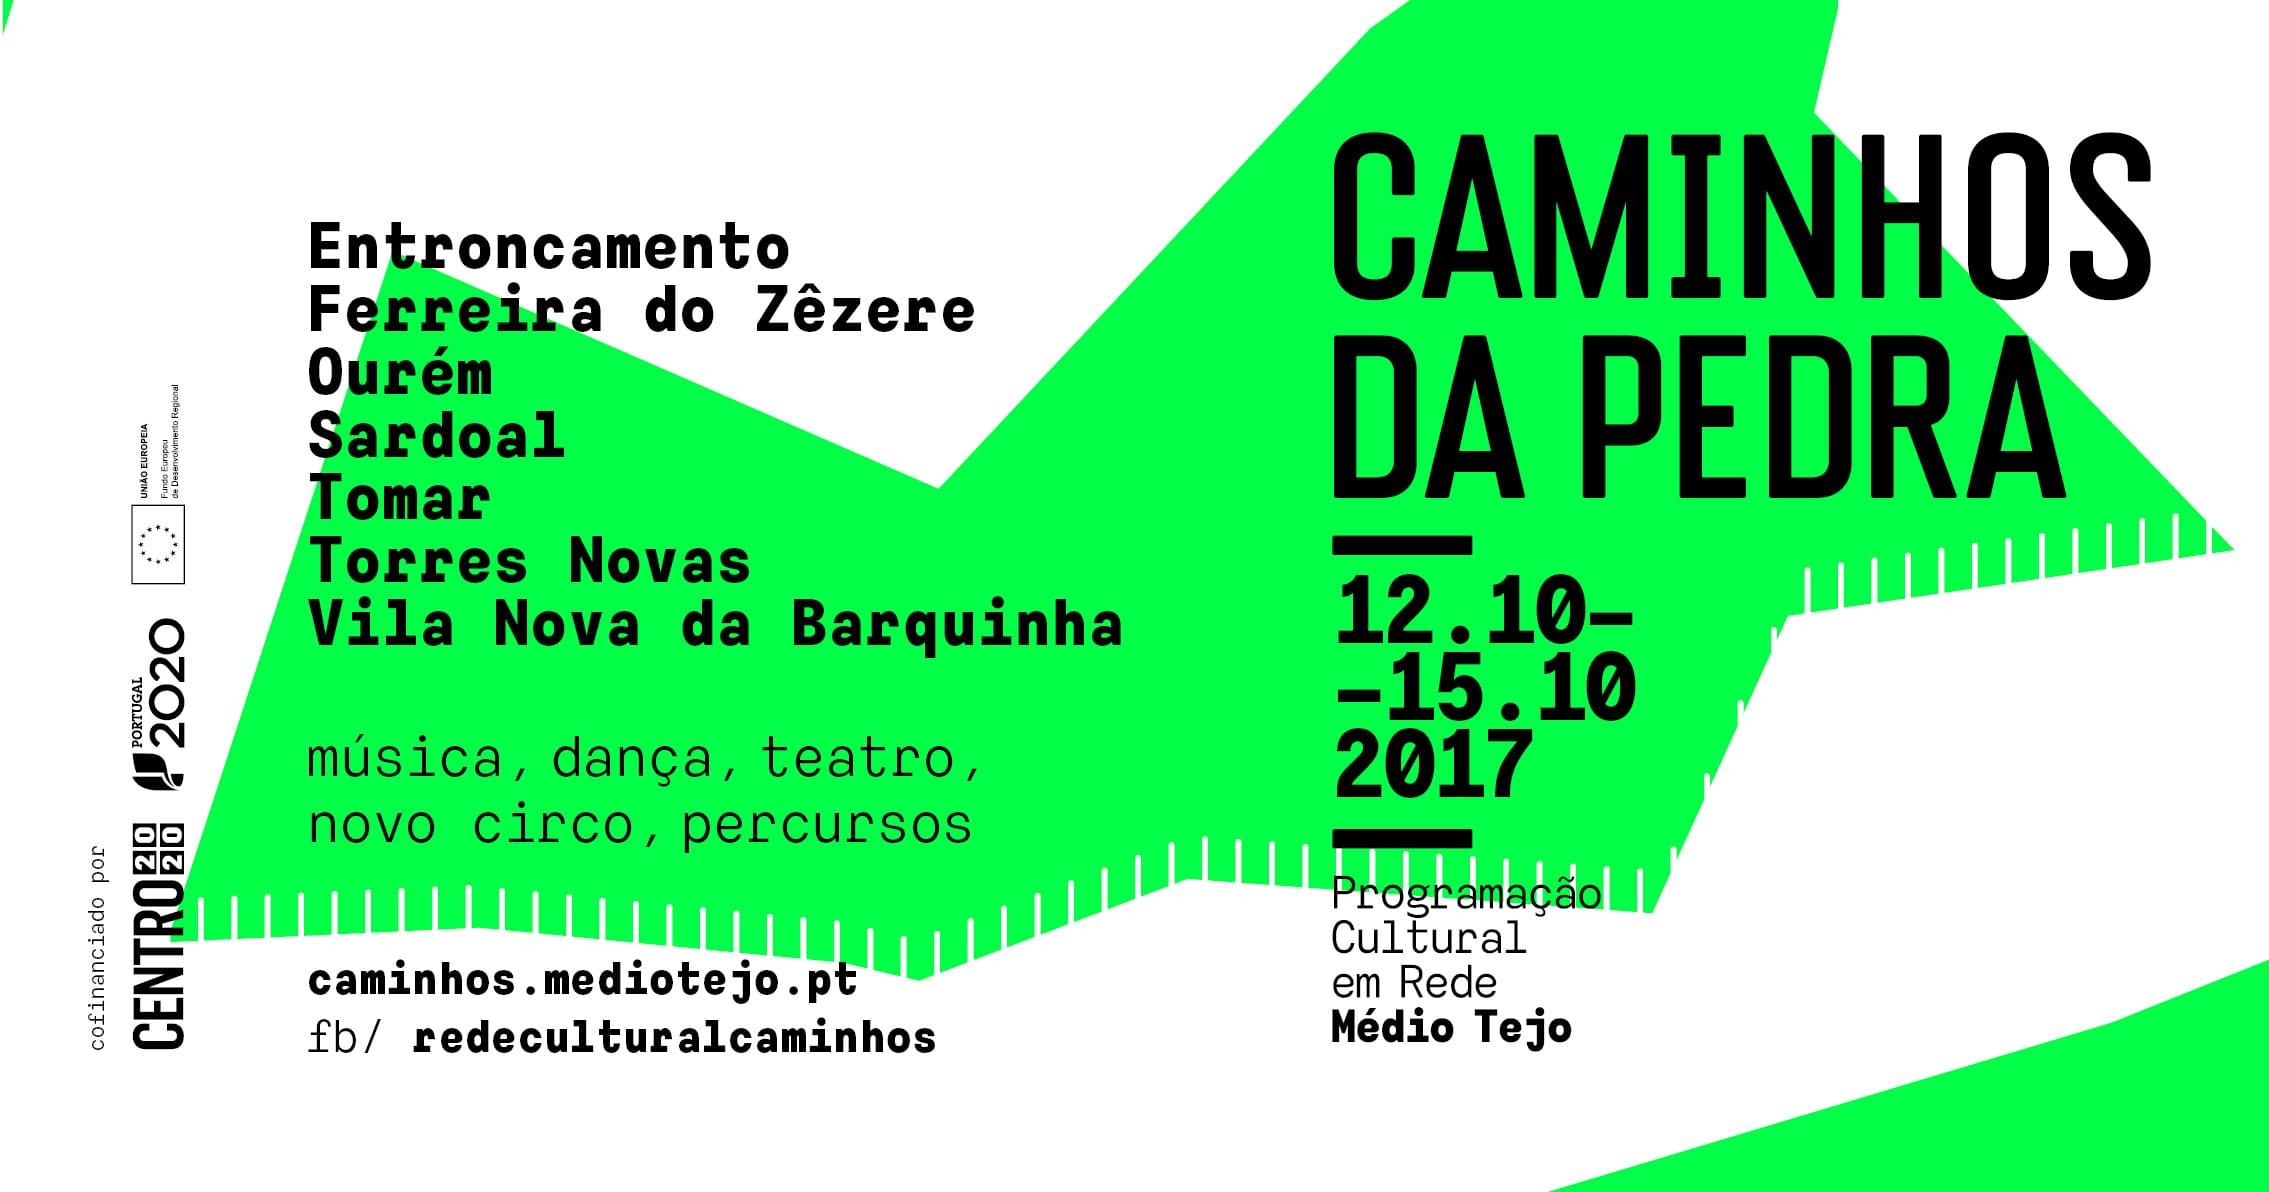 Caminhos_da_Pedra_17